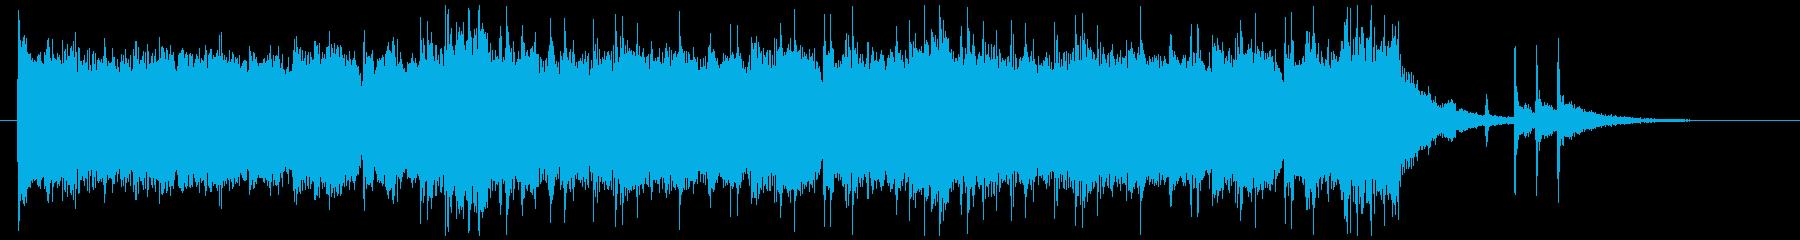 さわやかイメージのギターサウンドの再生済みの波形